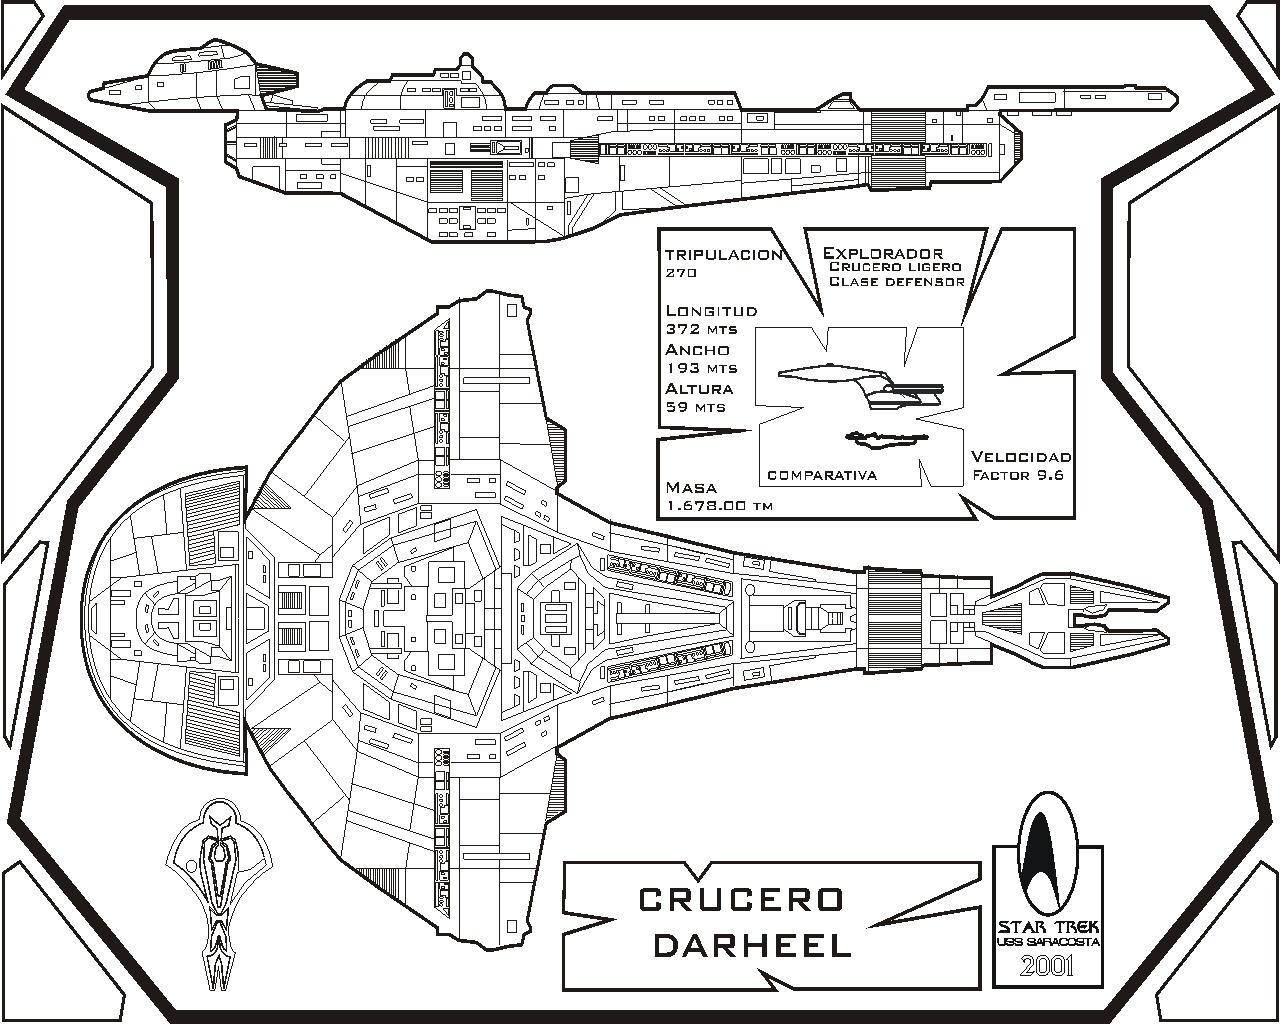 Star Trek Blueprints: U.S.S. Saracosta NCC-9737 Website